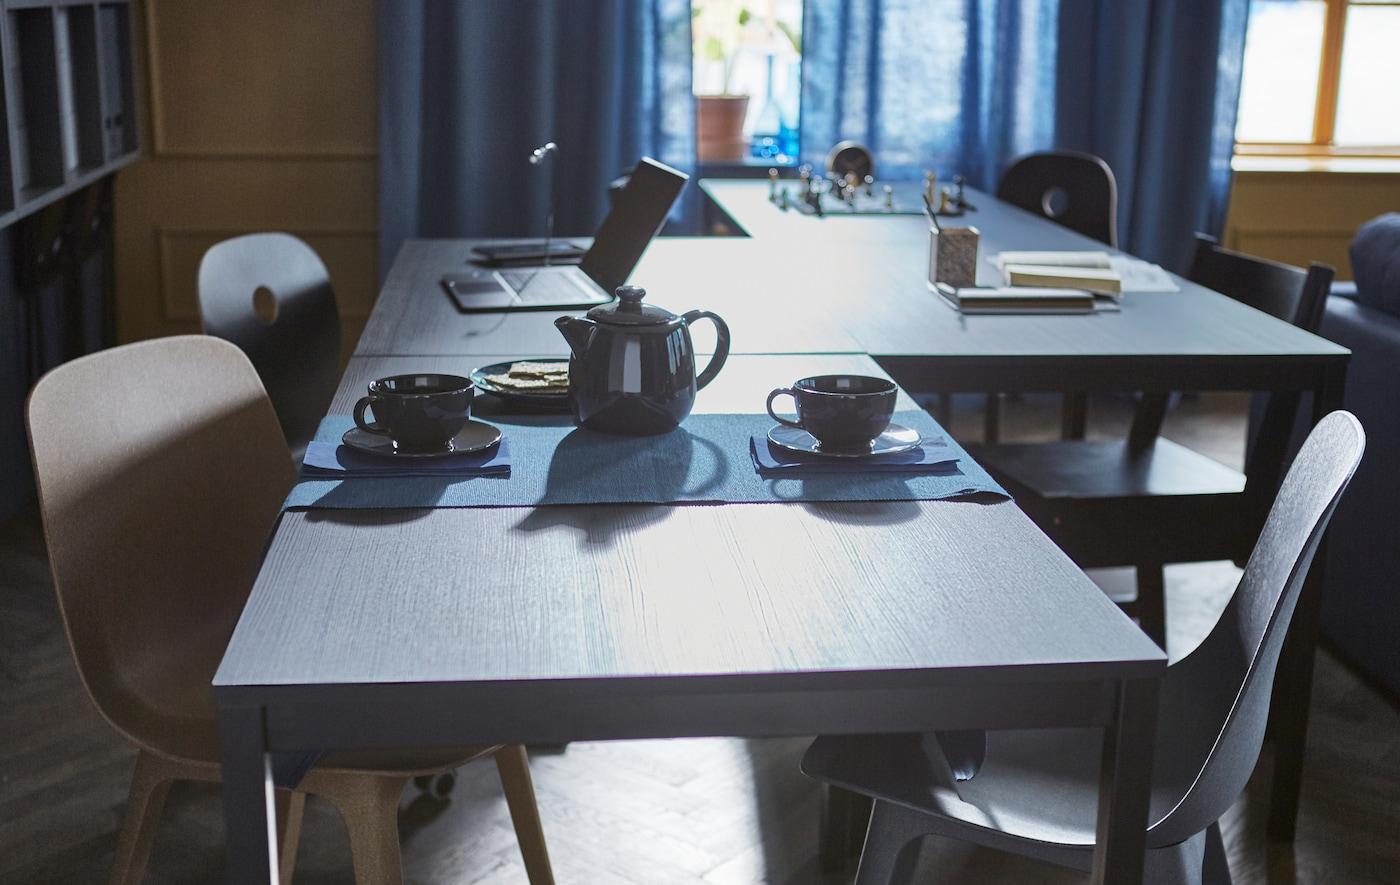 4 Tische sind in einer Zickzacklinie angeordnet & auf diesen steht ein Teeservice, ein Computer & ein Schachspiel.